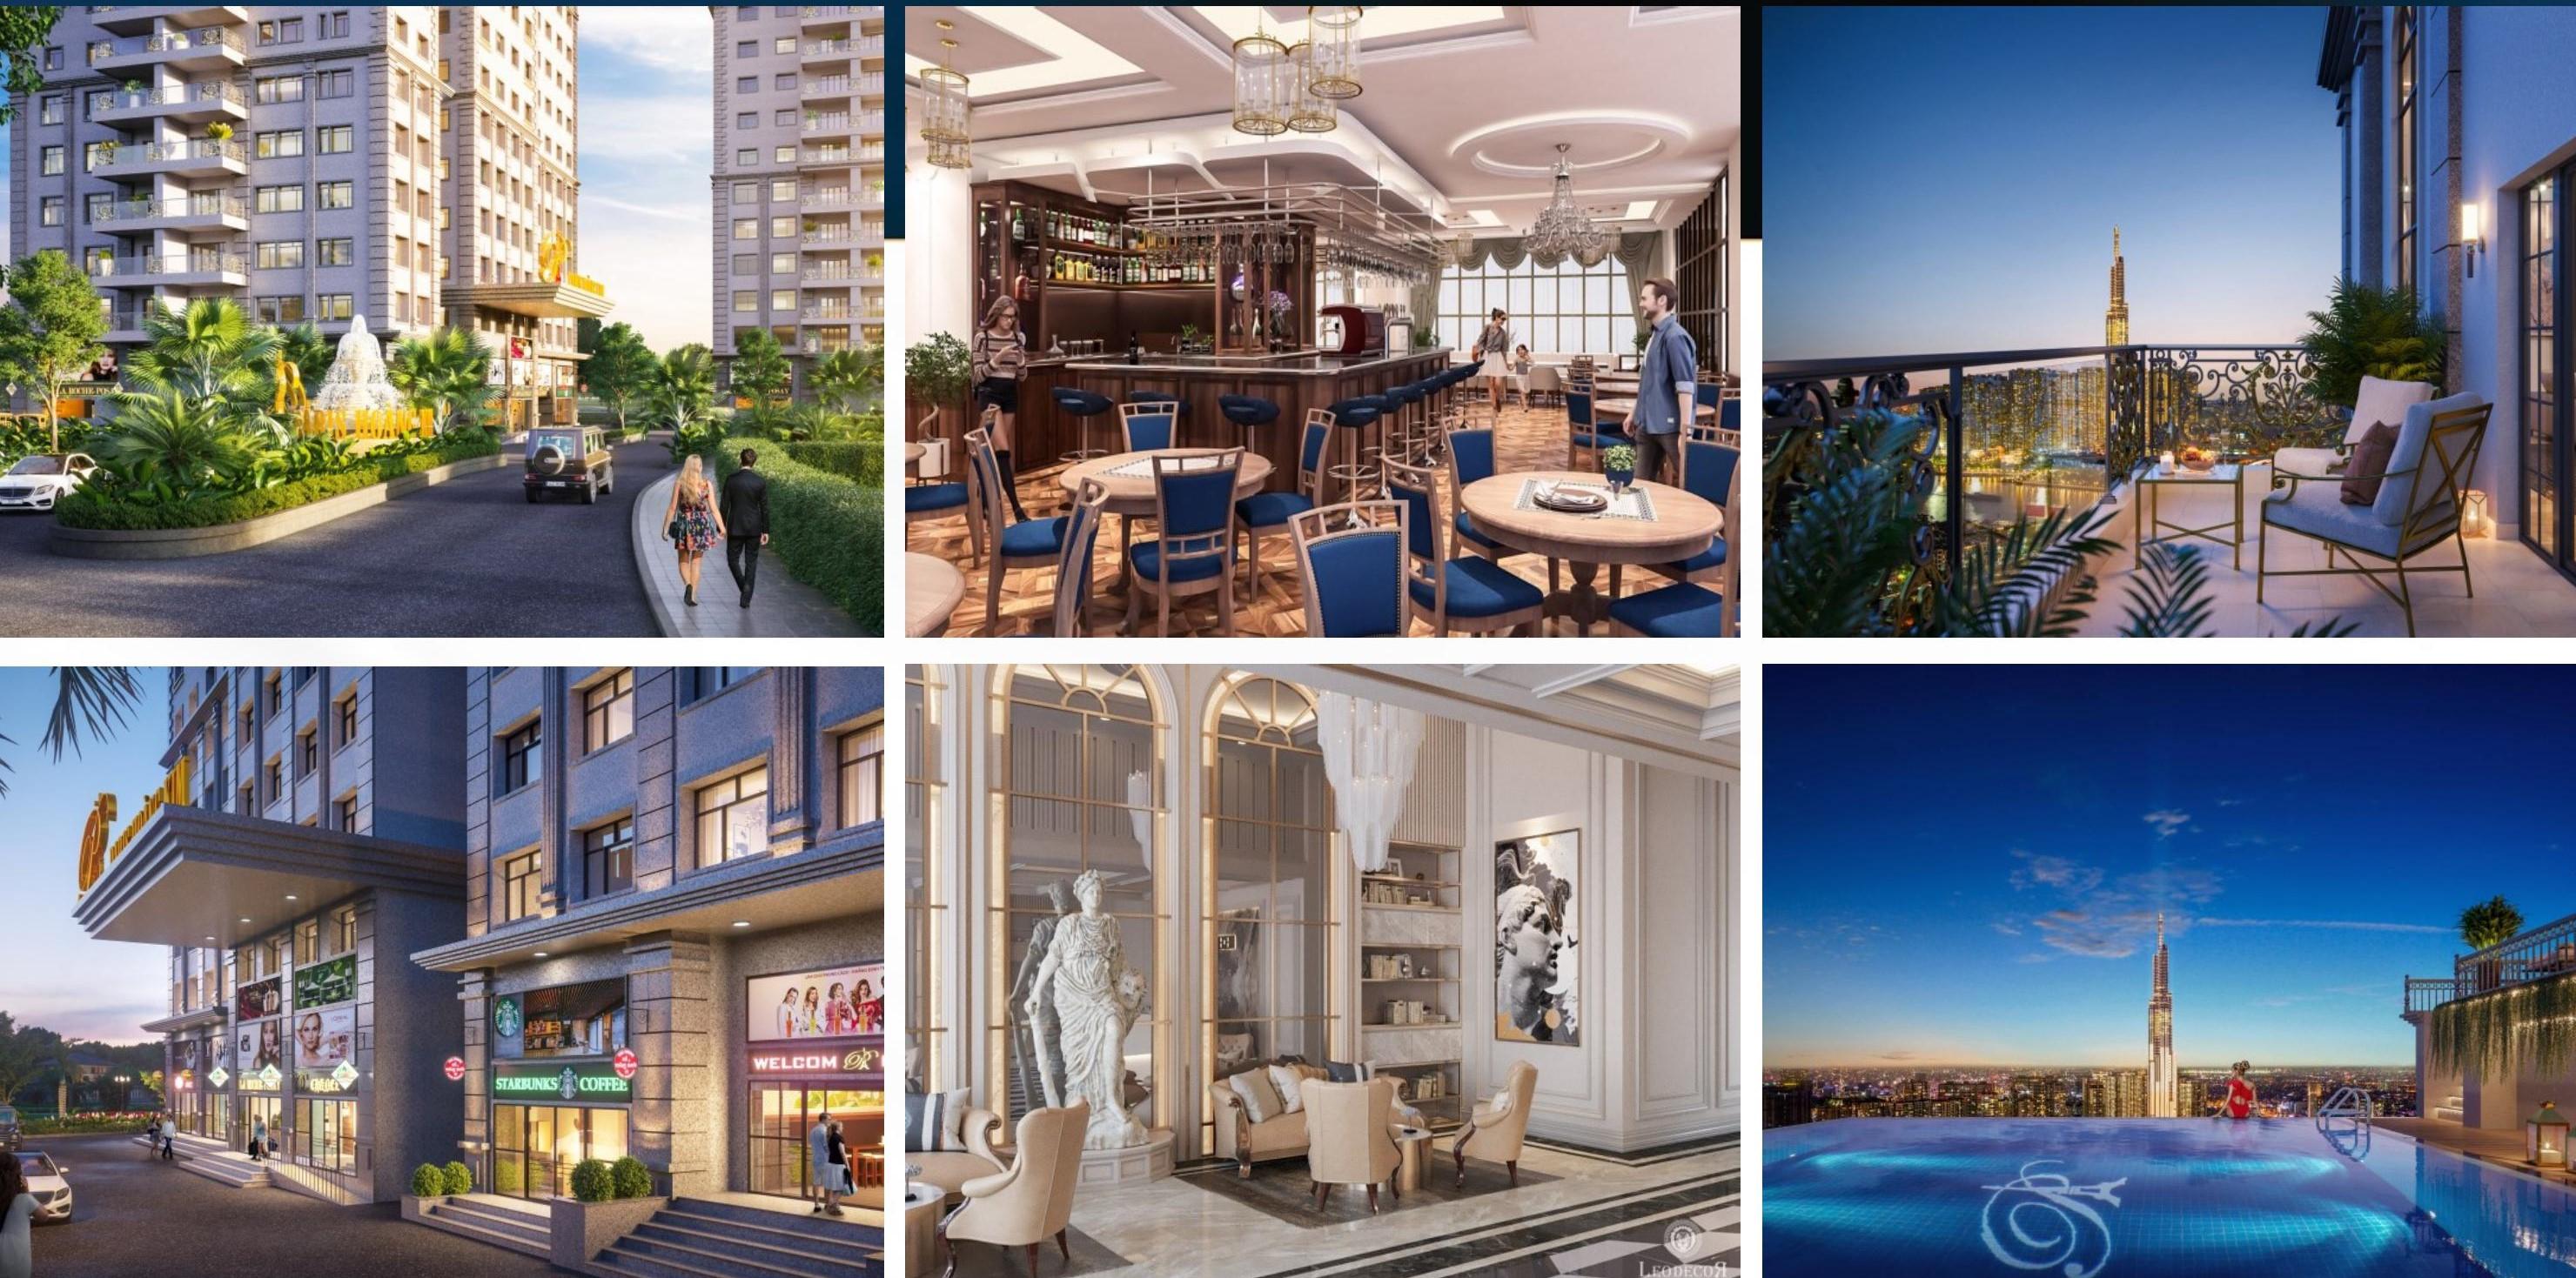 Căn hộ Paris Hoàng Kim Quận 2 có nên mua ?